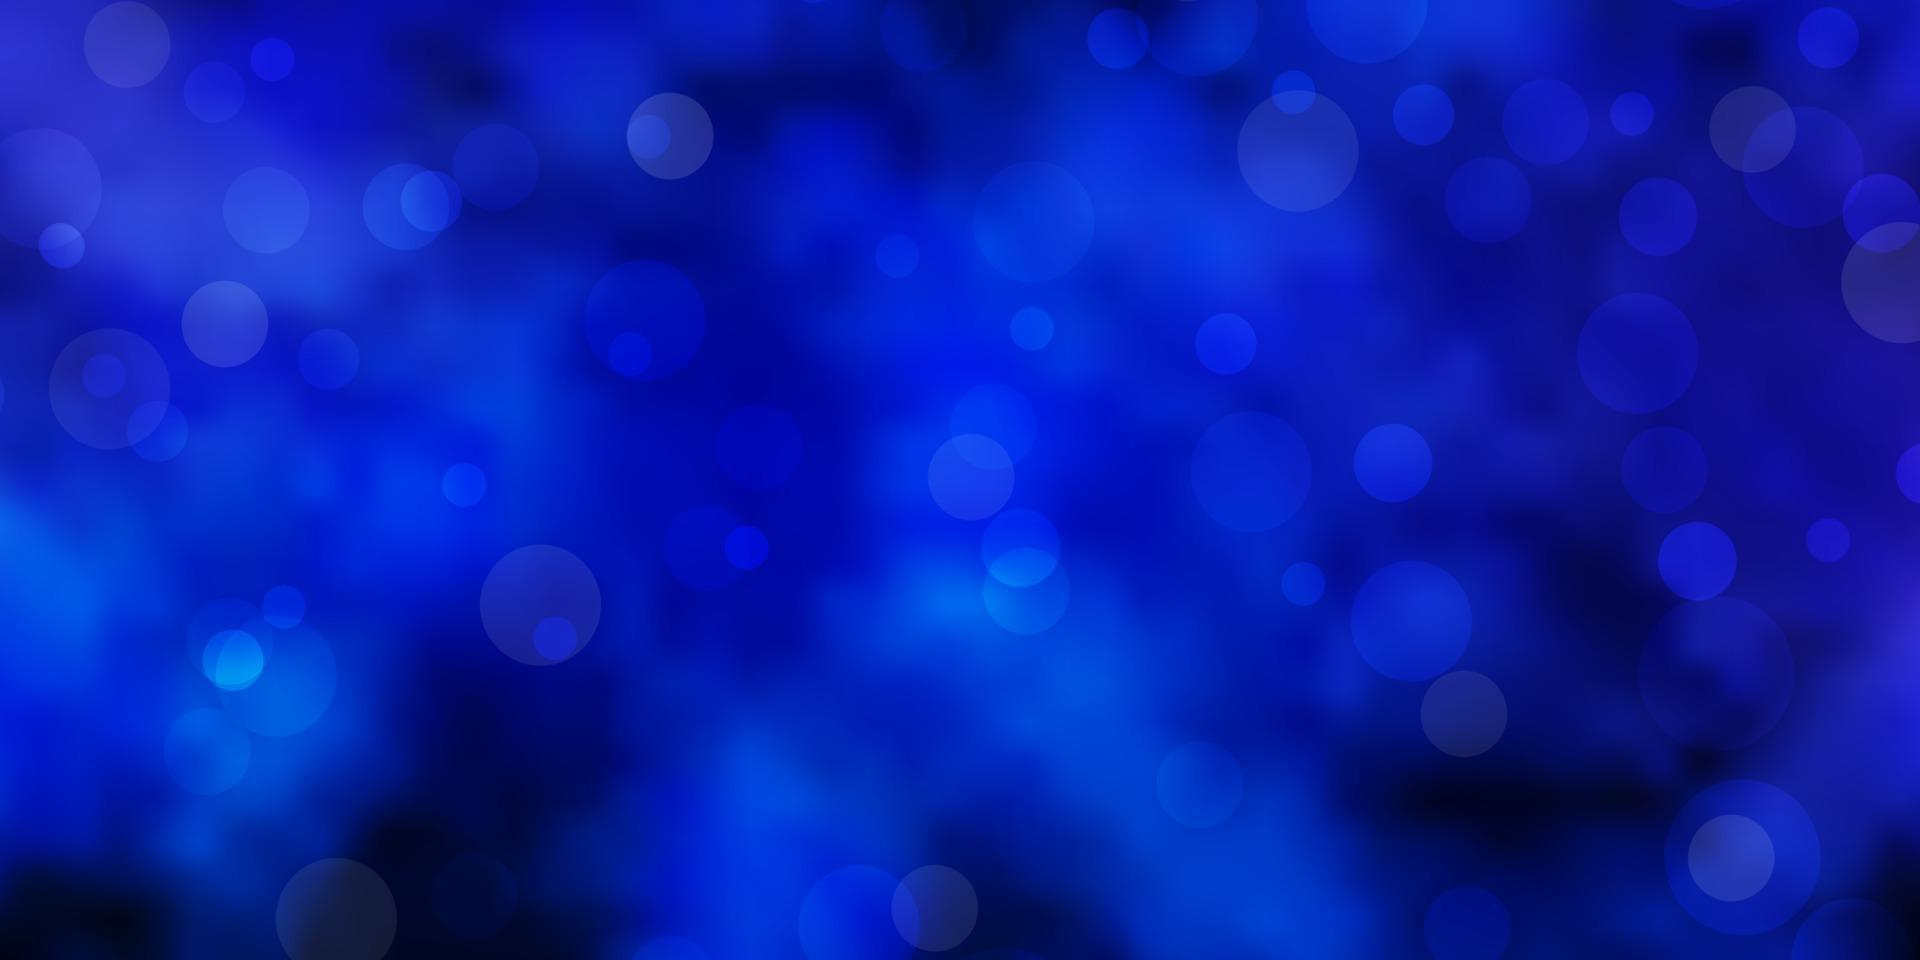 mörkrosa, blå vektorstruktur med skivor. vektor